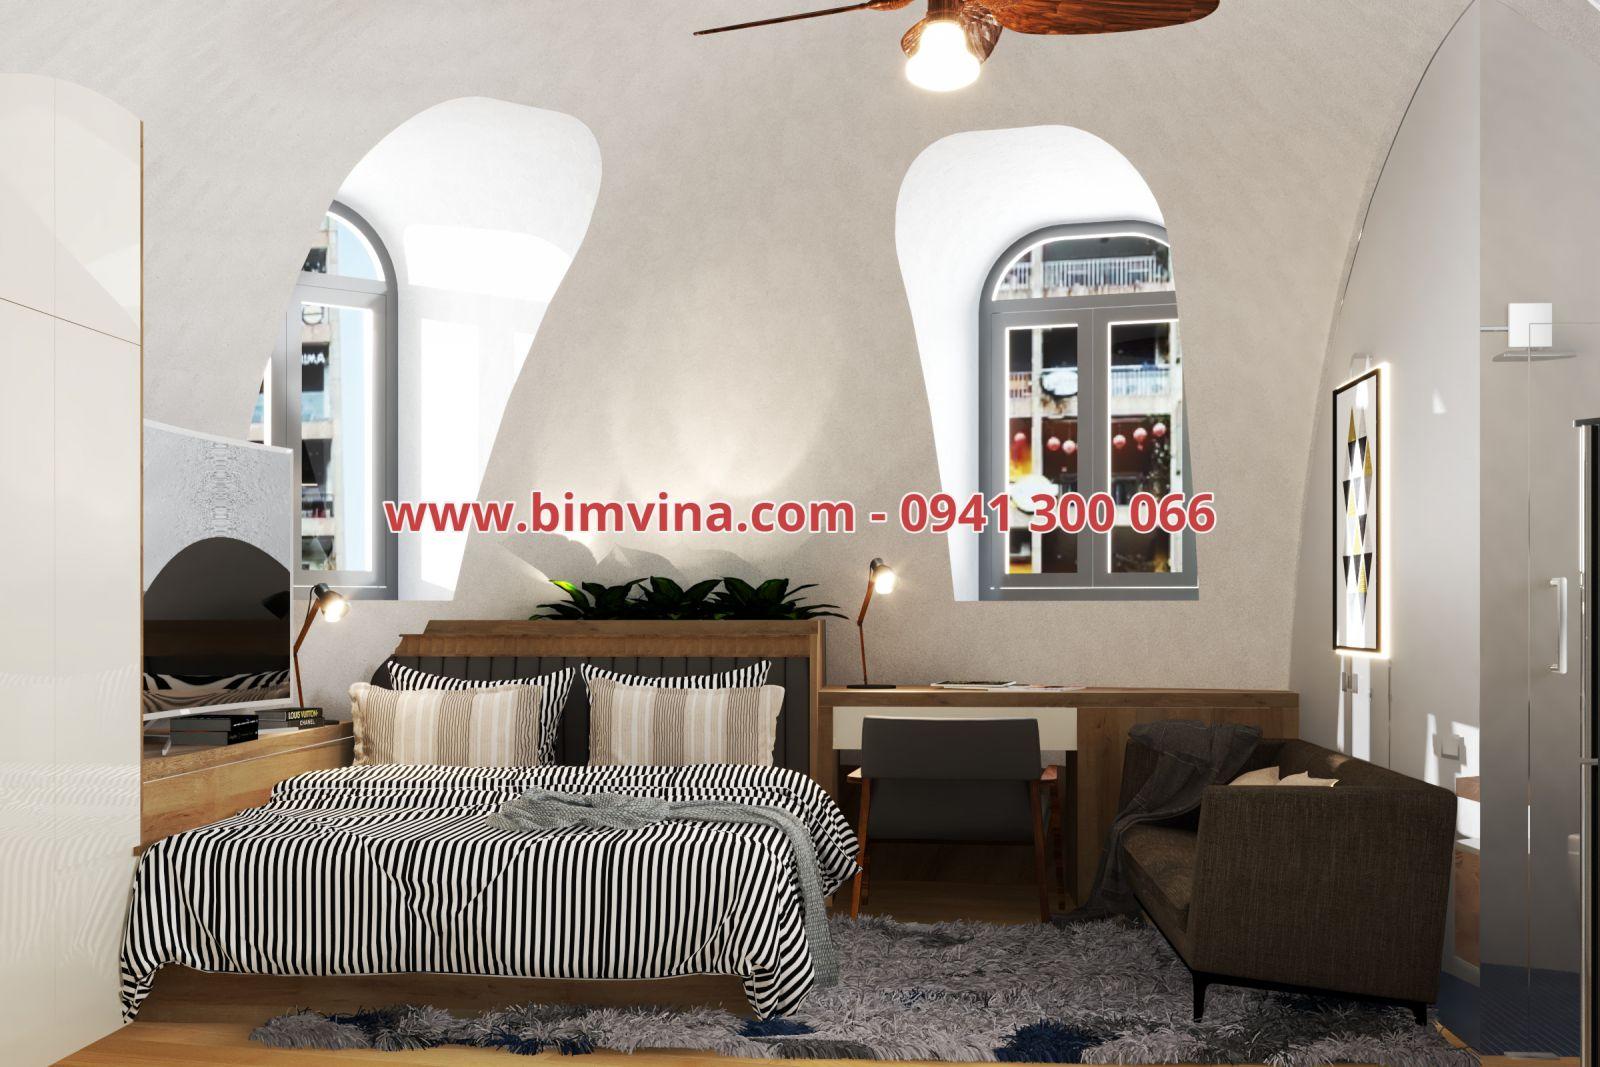 nội thất nhà dome house